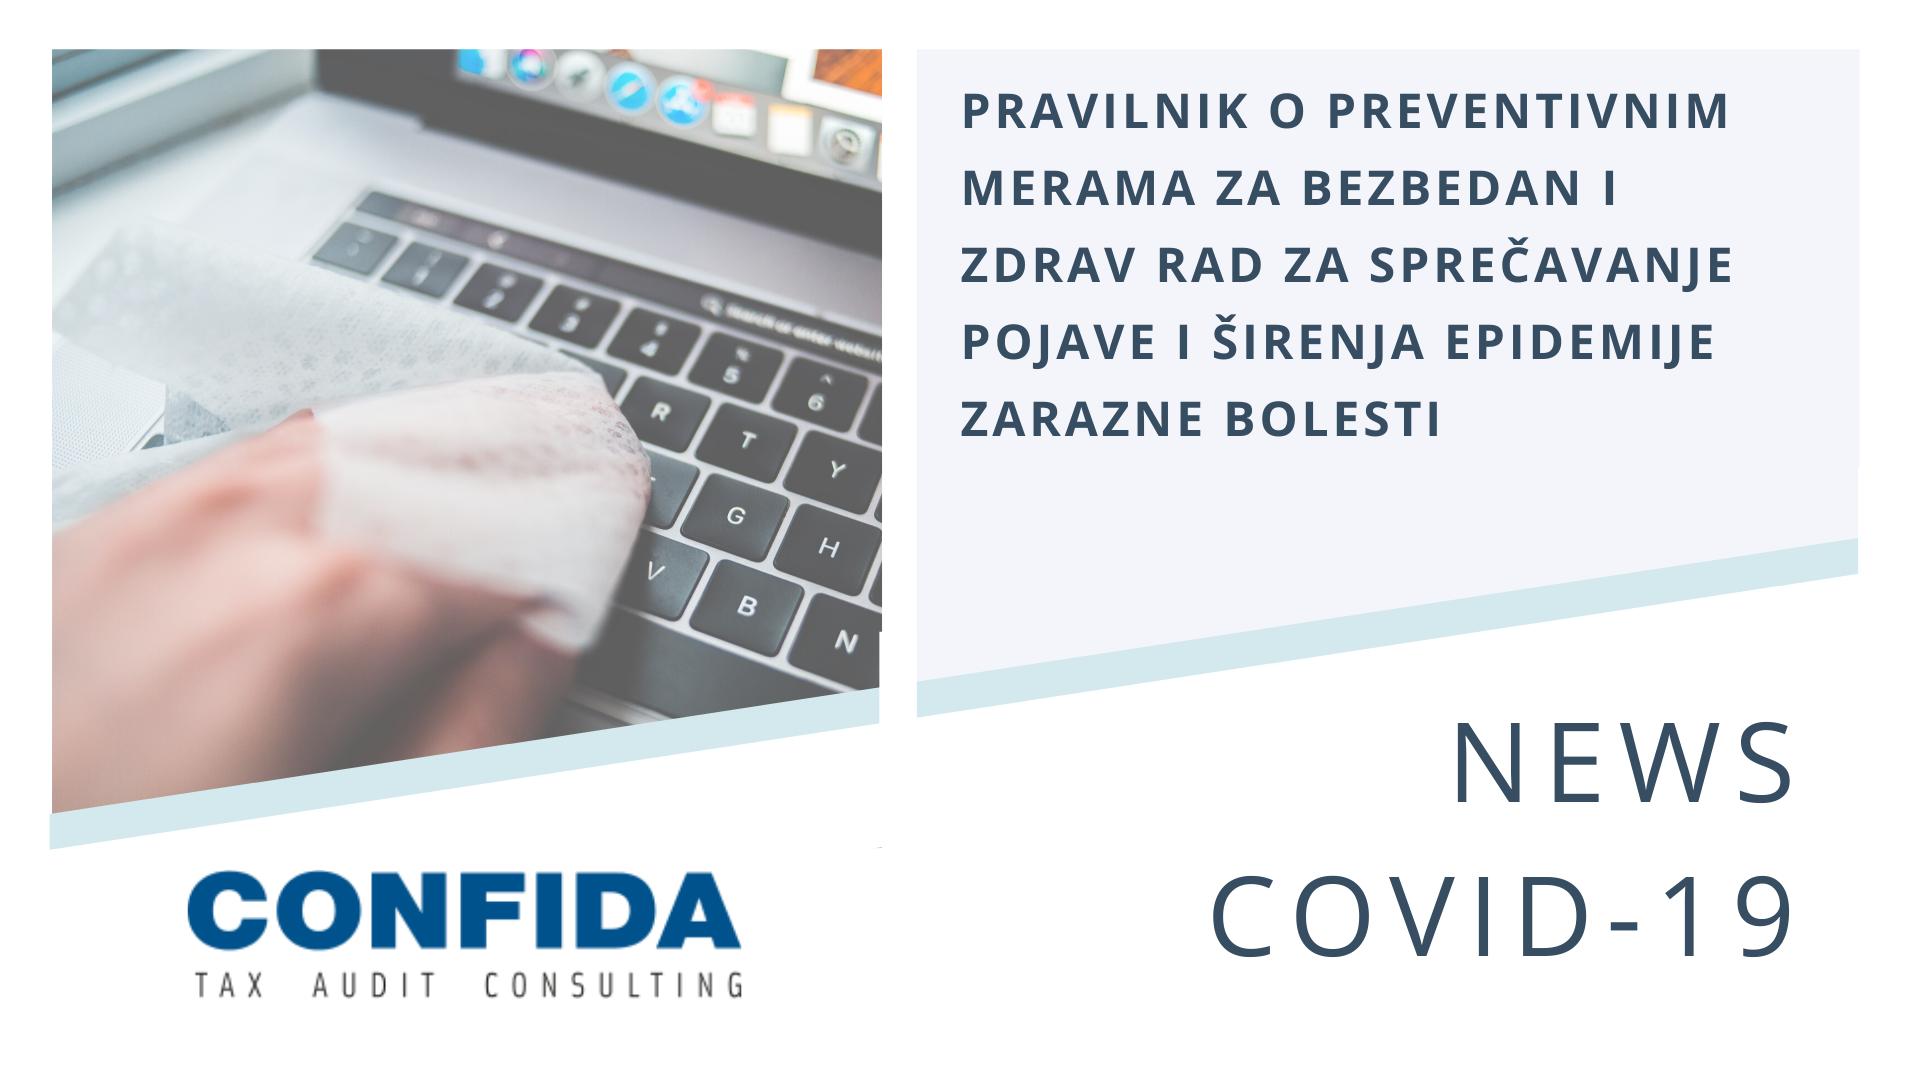 Pravilnik o preventivnim merama za bezbedan i zdrav rad za sprečavanje pojave i širenja epidemije zarazne bolesti